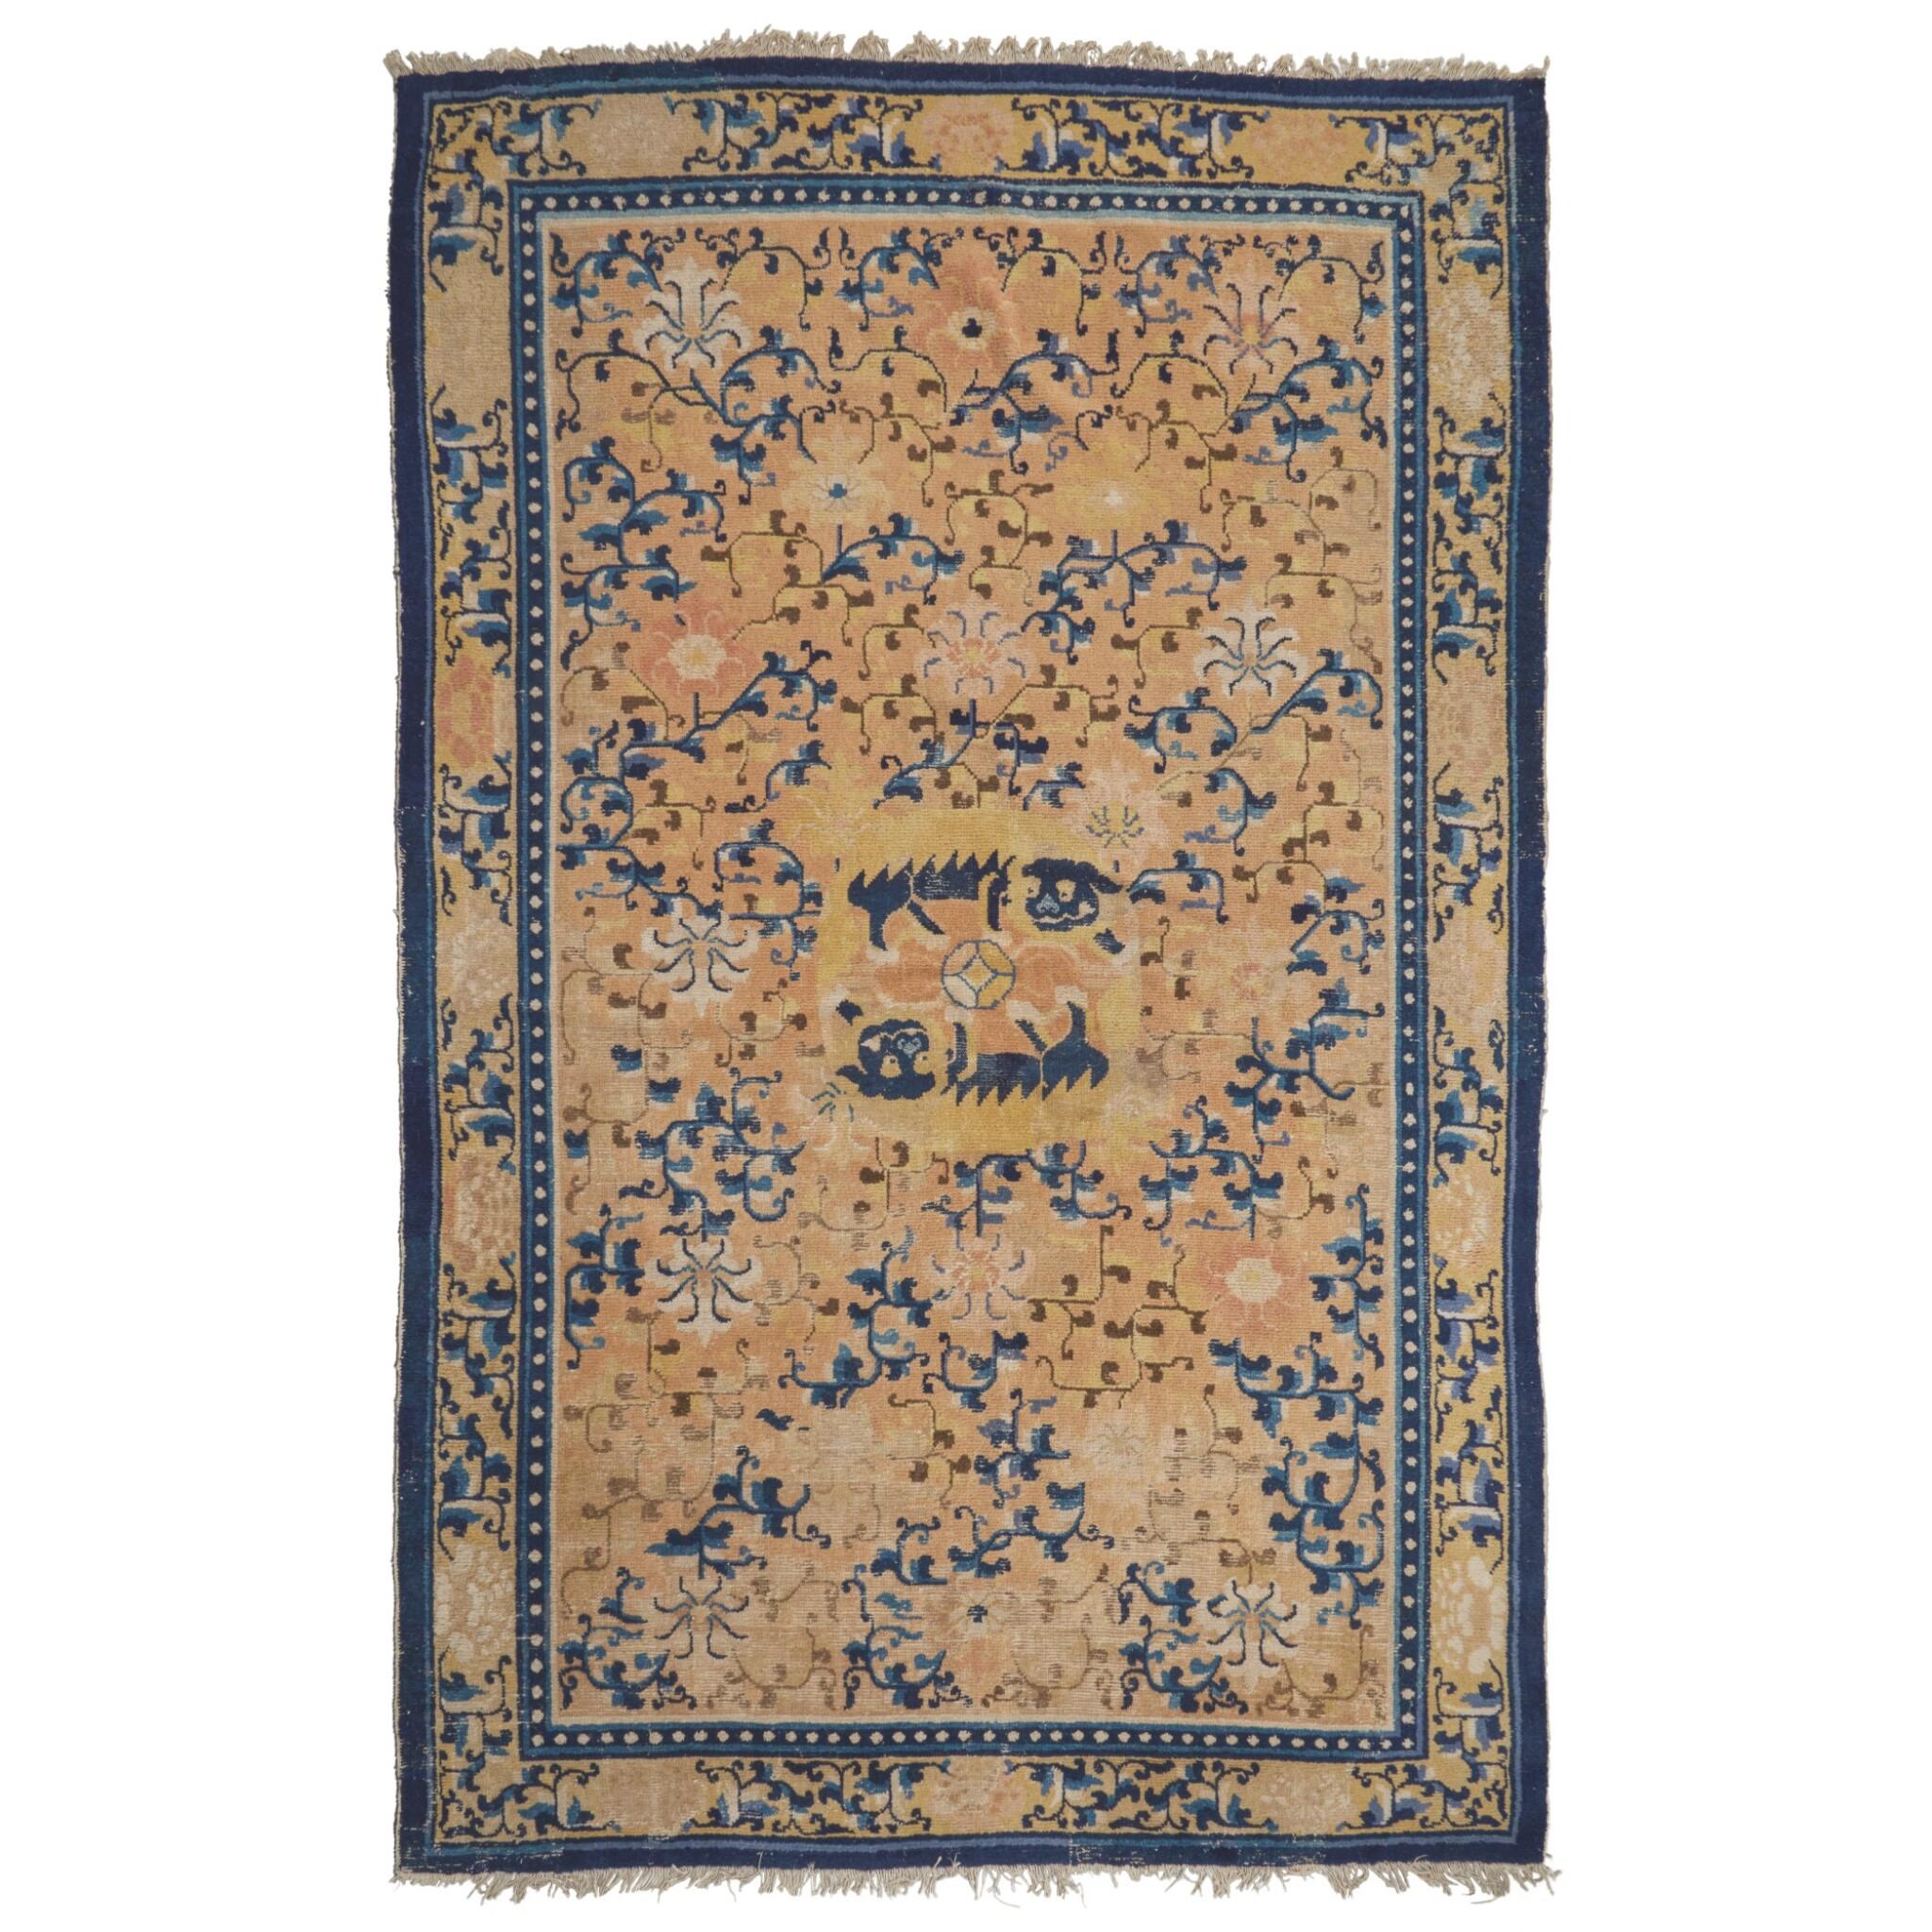 View full screen - View 1 of Lot 119. A Ningxia Carpet, Qing dynasty, 18th / early 19th century | 清十八 / 十九世紀初 寧夏雙獅戲球纏枝花卉紋毯.